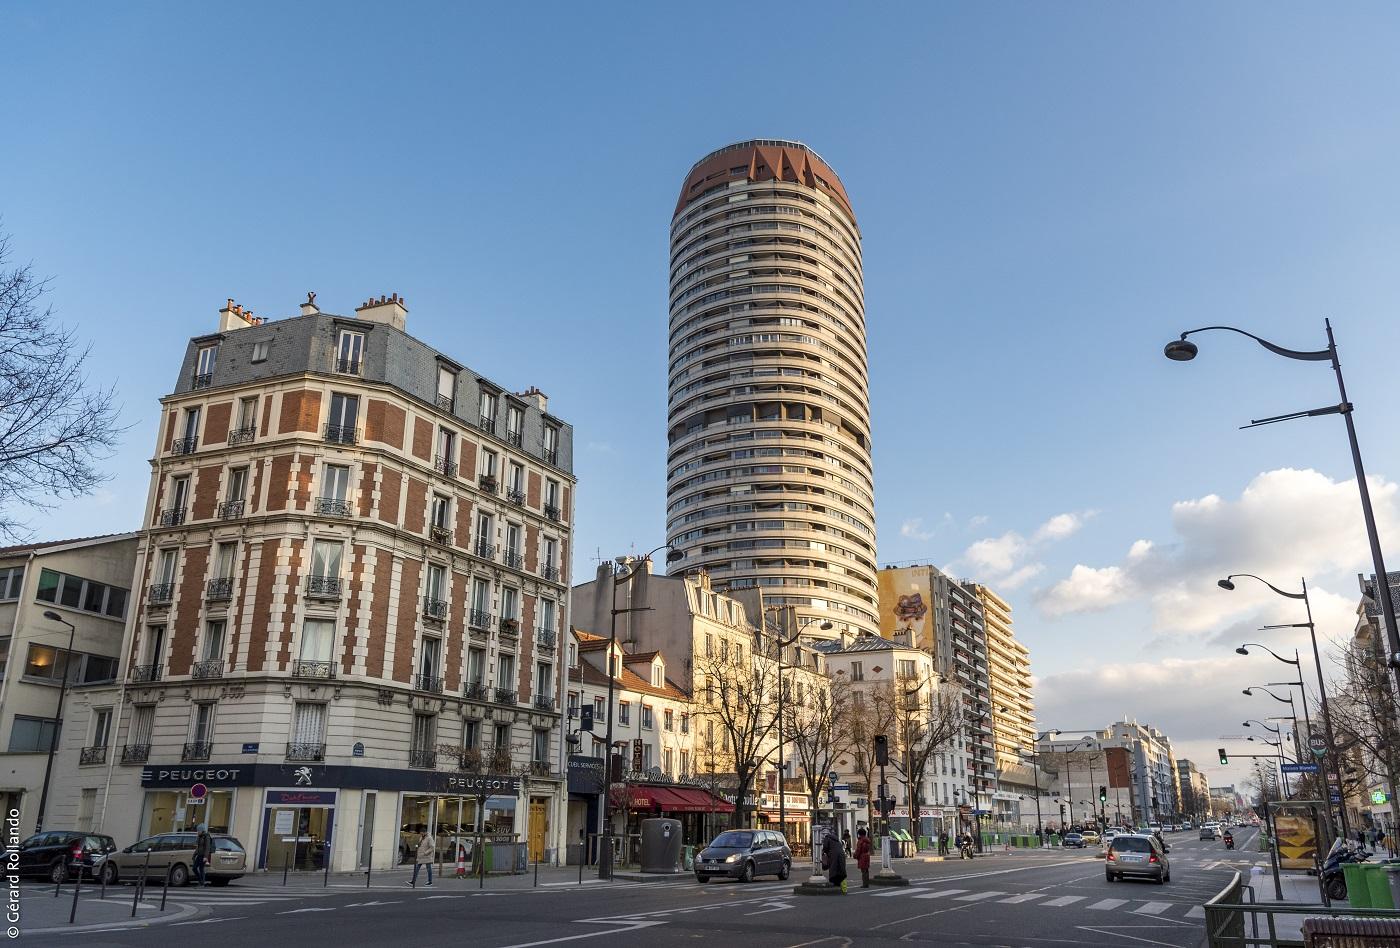 Maison-Blanche Paris XIIIe, seule gare parisienne du Grand Paris Express, prendra place au pied de l'emblématique Tour Super-Italie. Elle sera en correspondance la ligne 7 du métro.